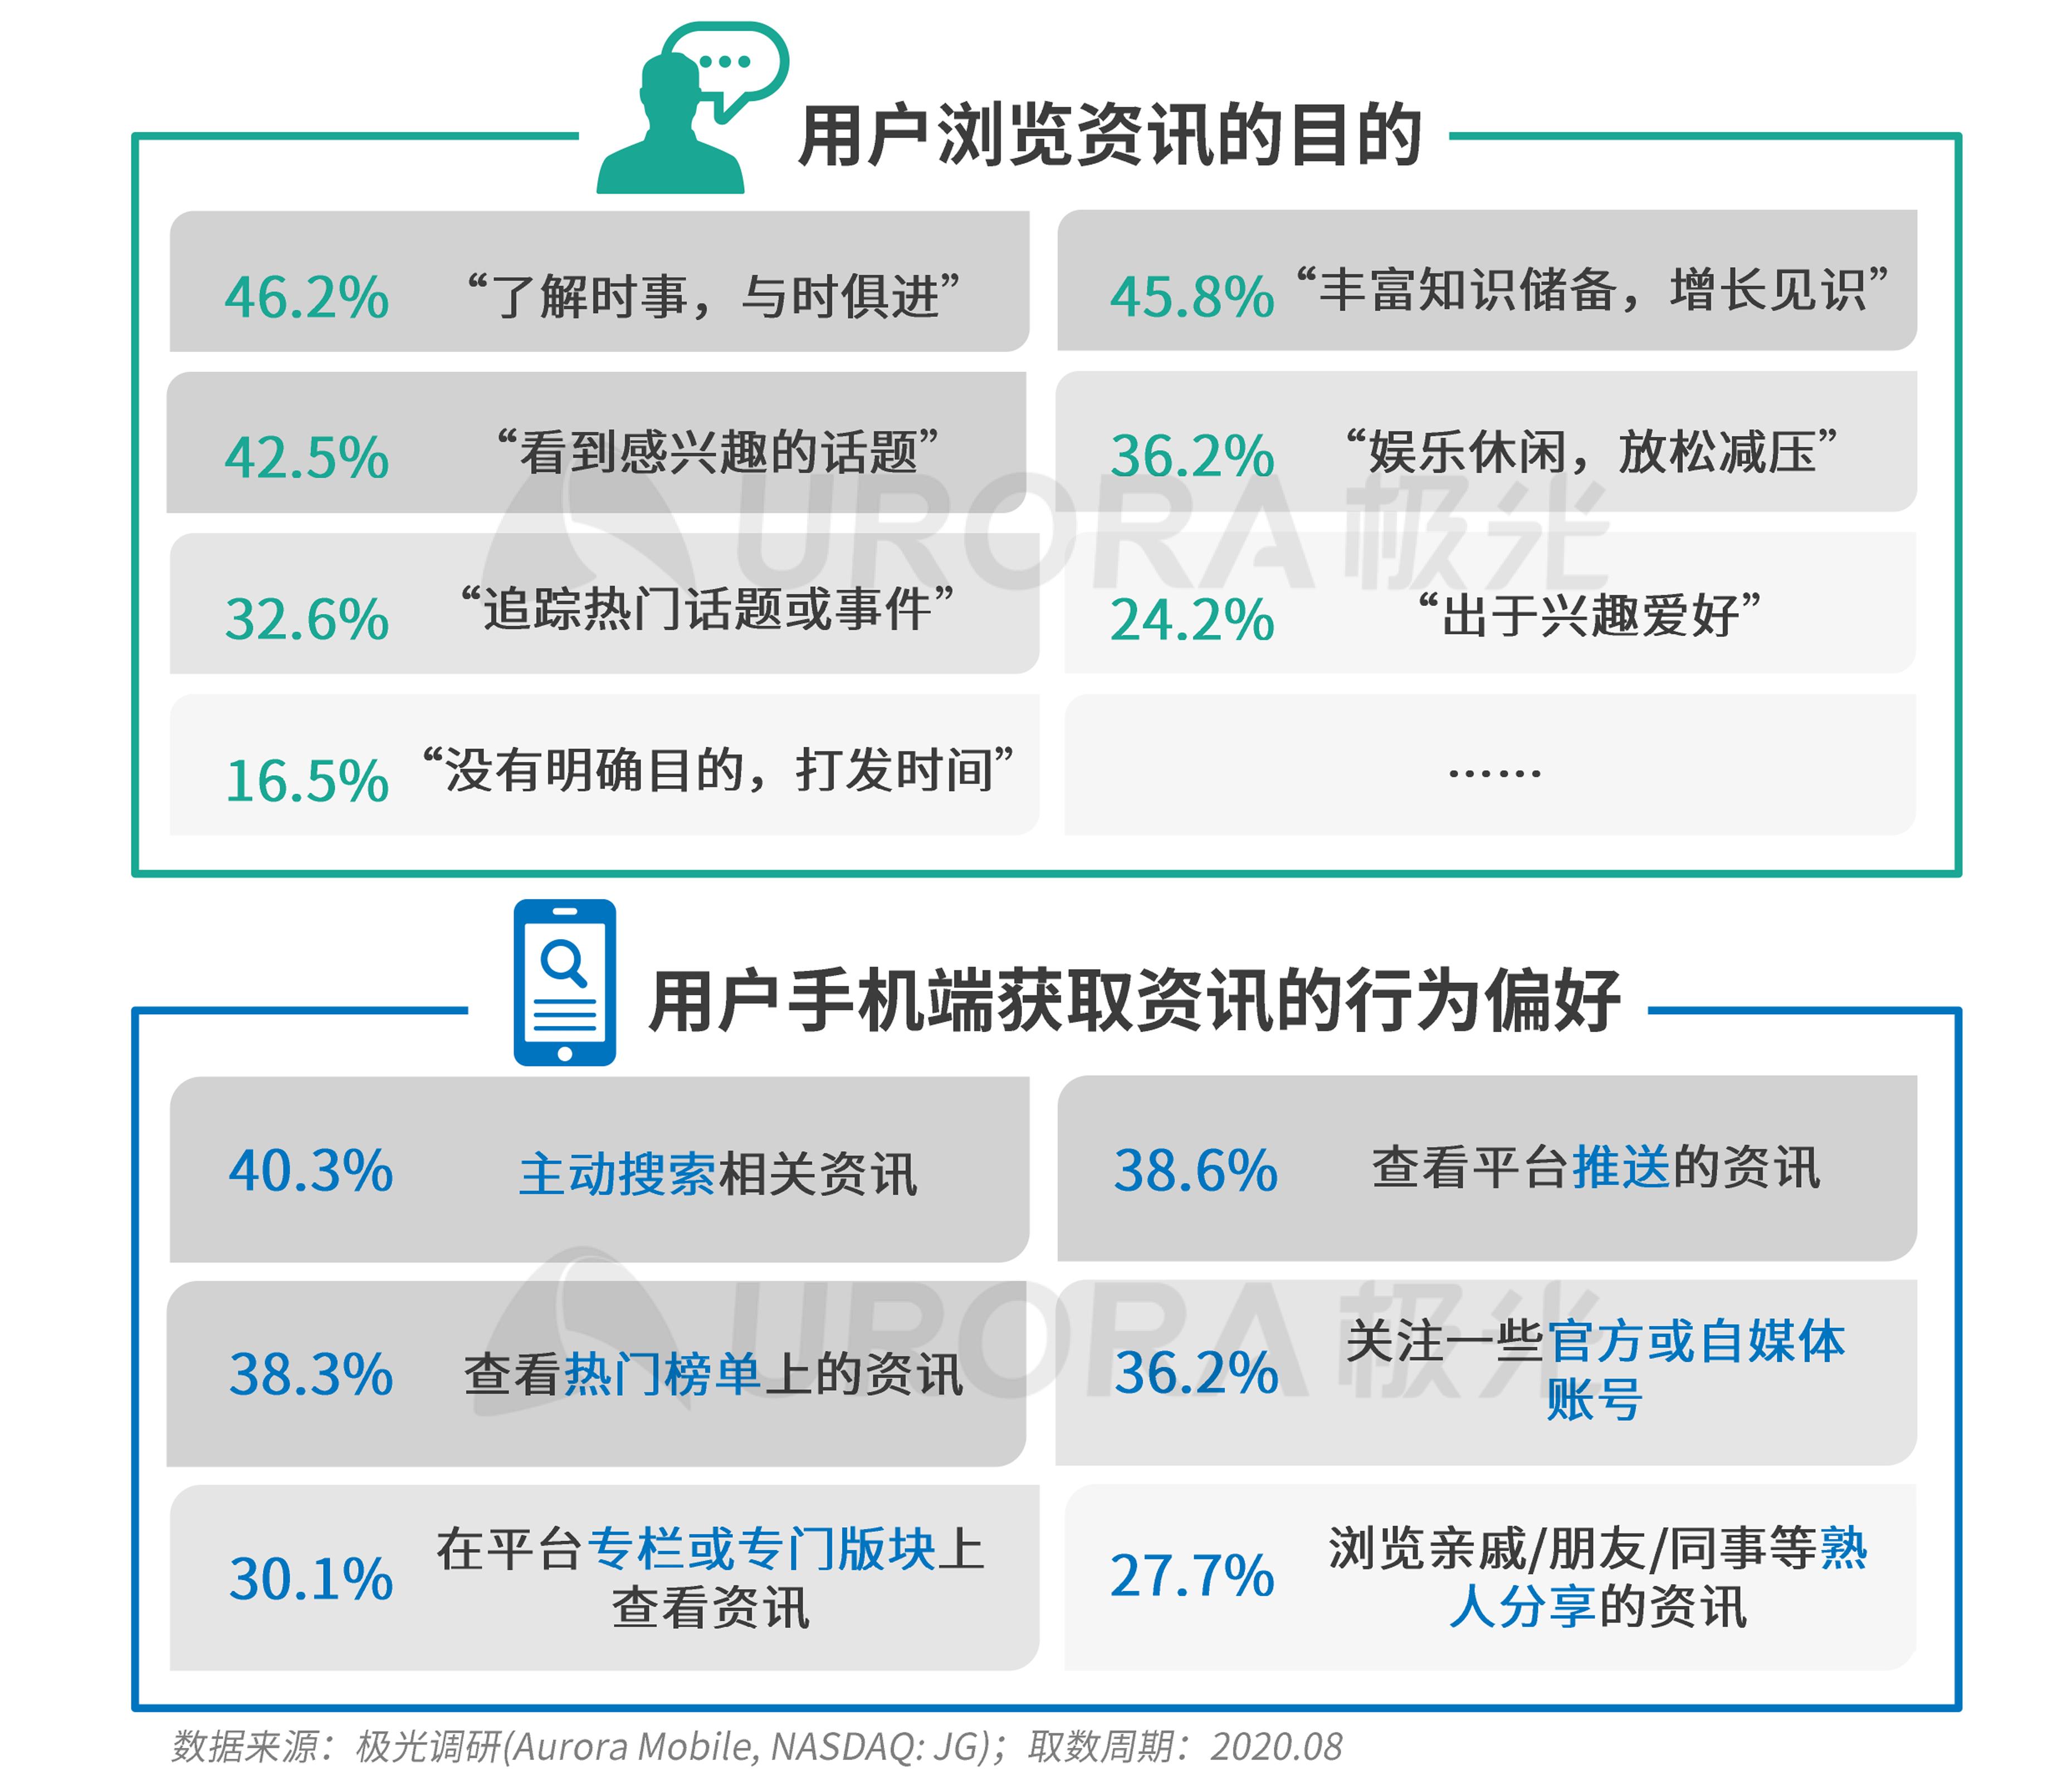 极光:新资讯行业系列报告--内容篇 (15).png